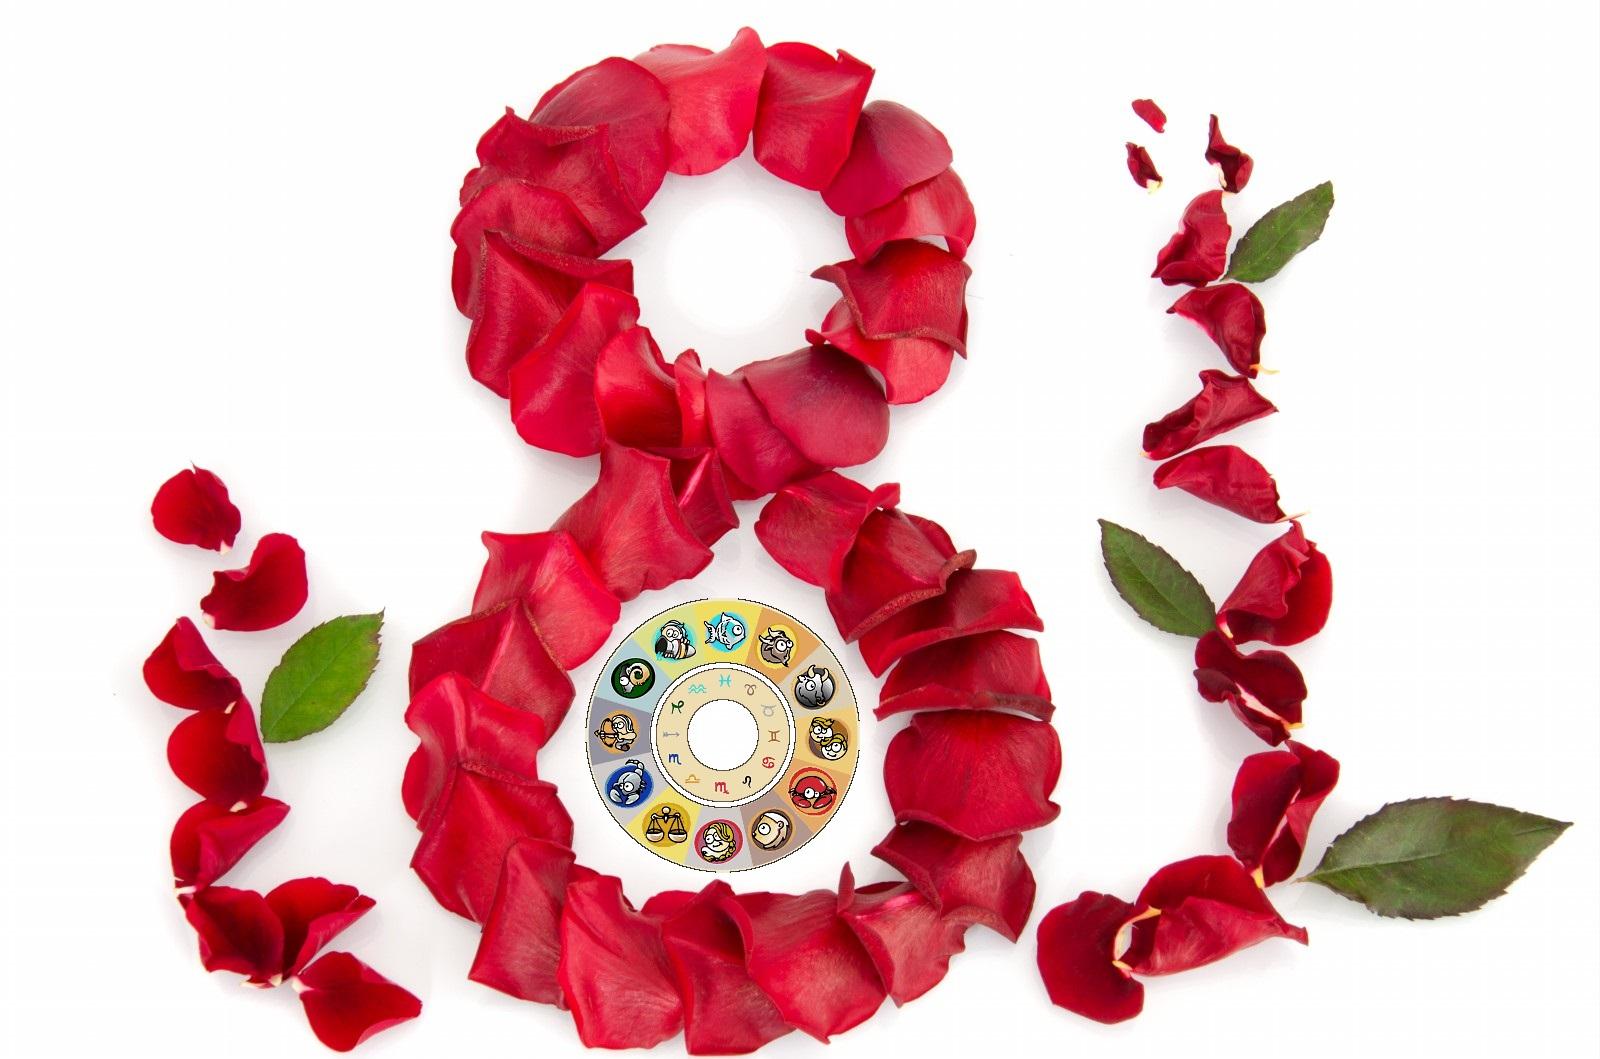 Horoscop Ziua Femeii. Ce își doresc femeile de la partener în funcție de zodie